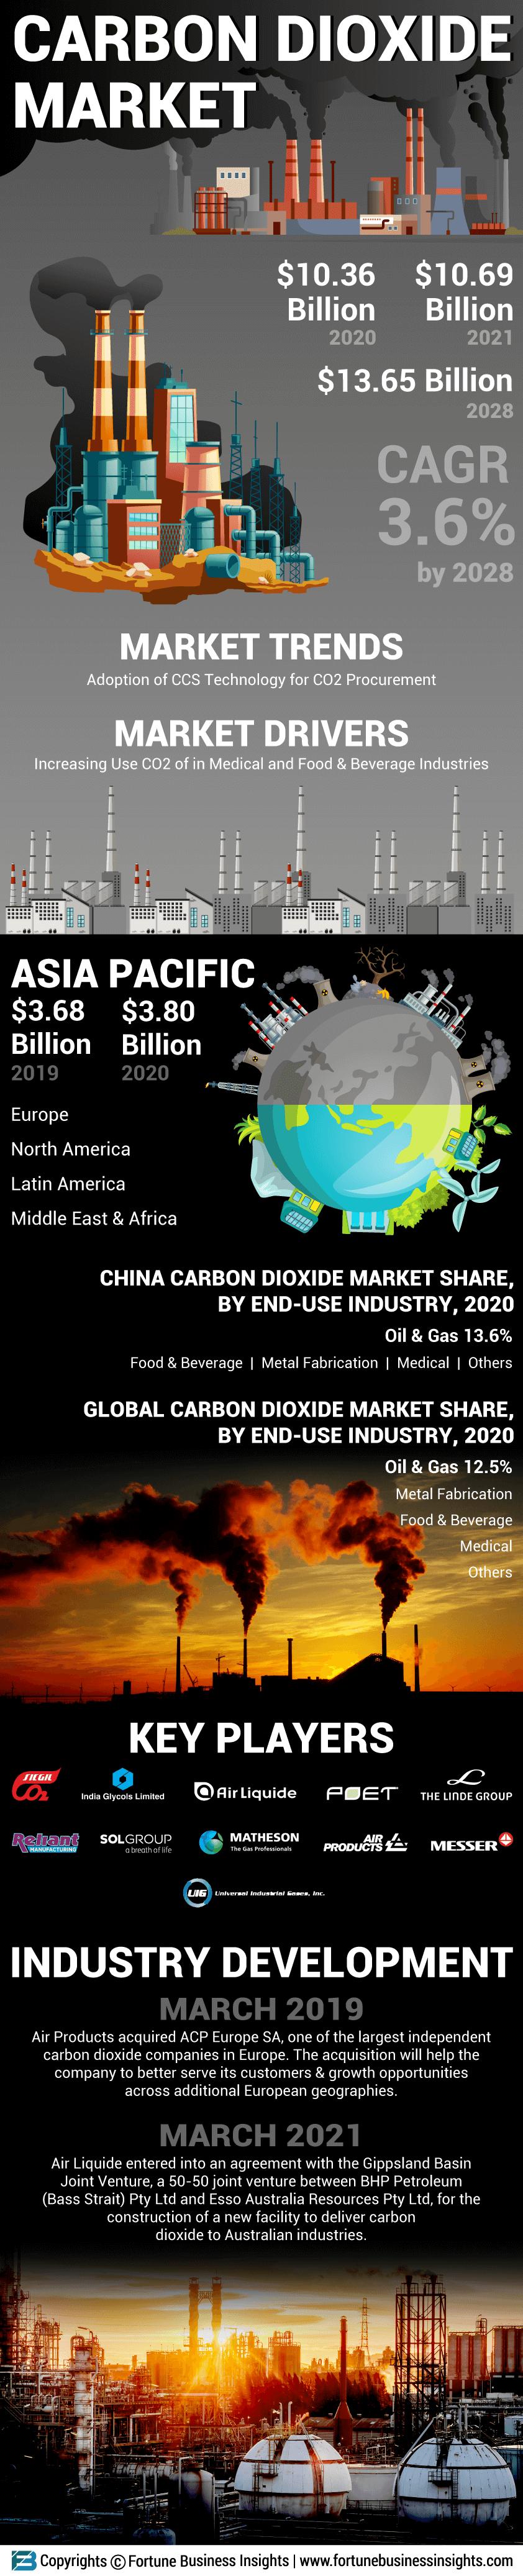 Carbon Dioxide Market